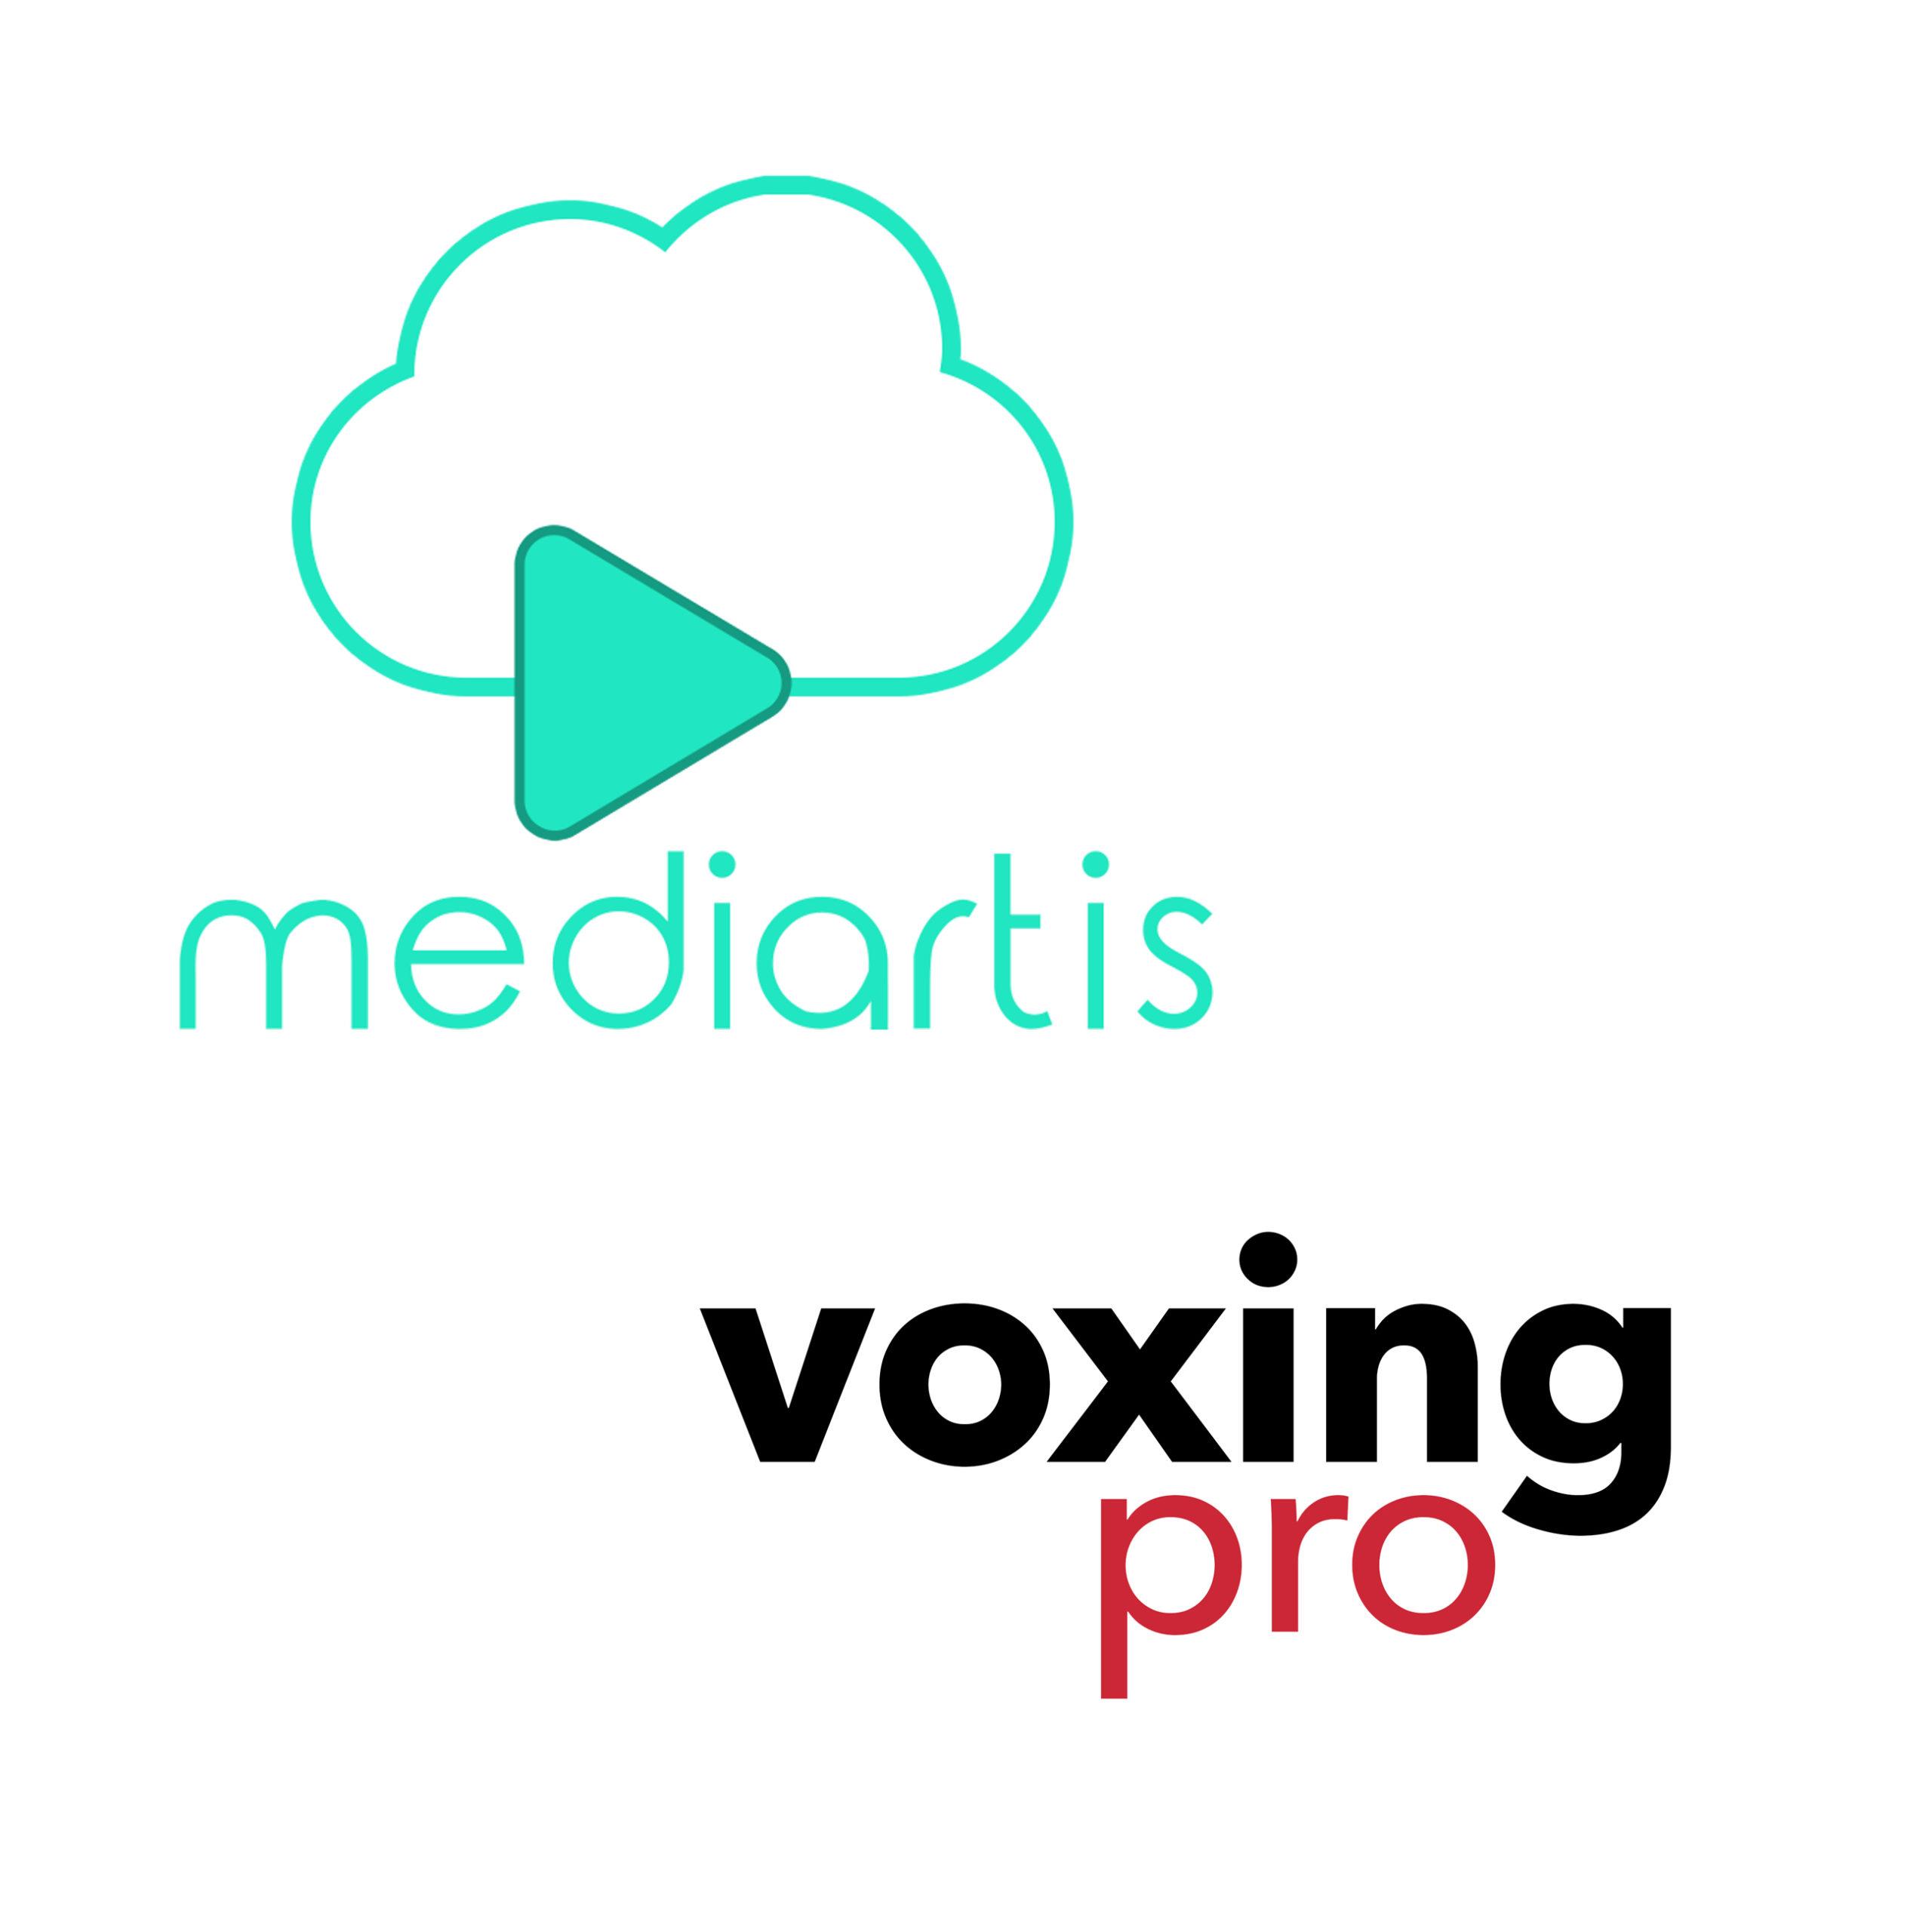 Mediartis voxing pro